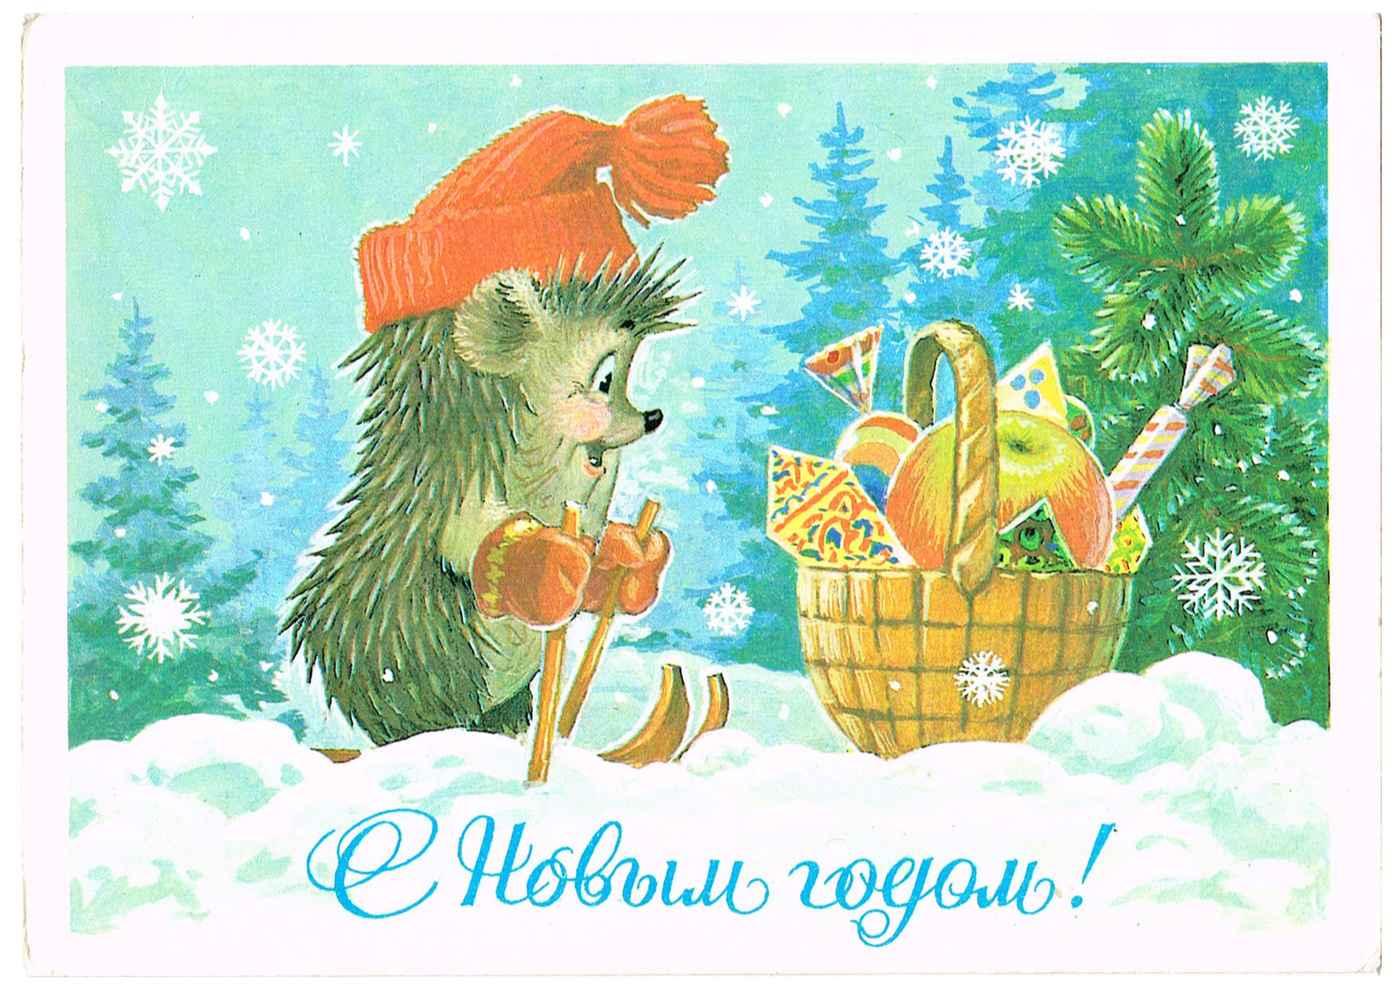 Открытка «С Новым Годом!» 1985 г.Последняя четверть ХХ века